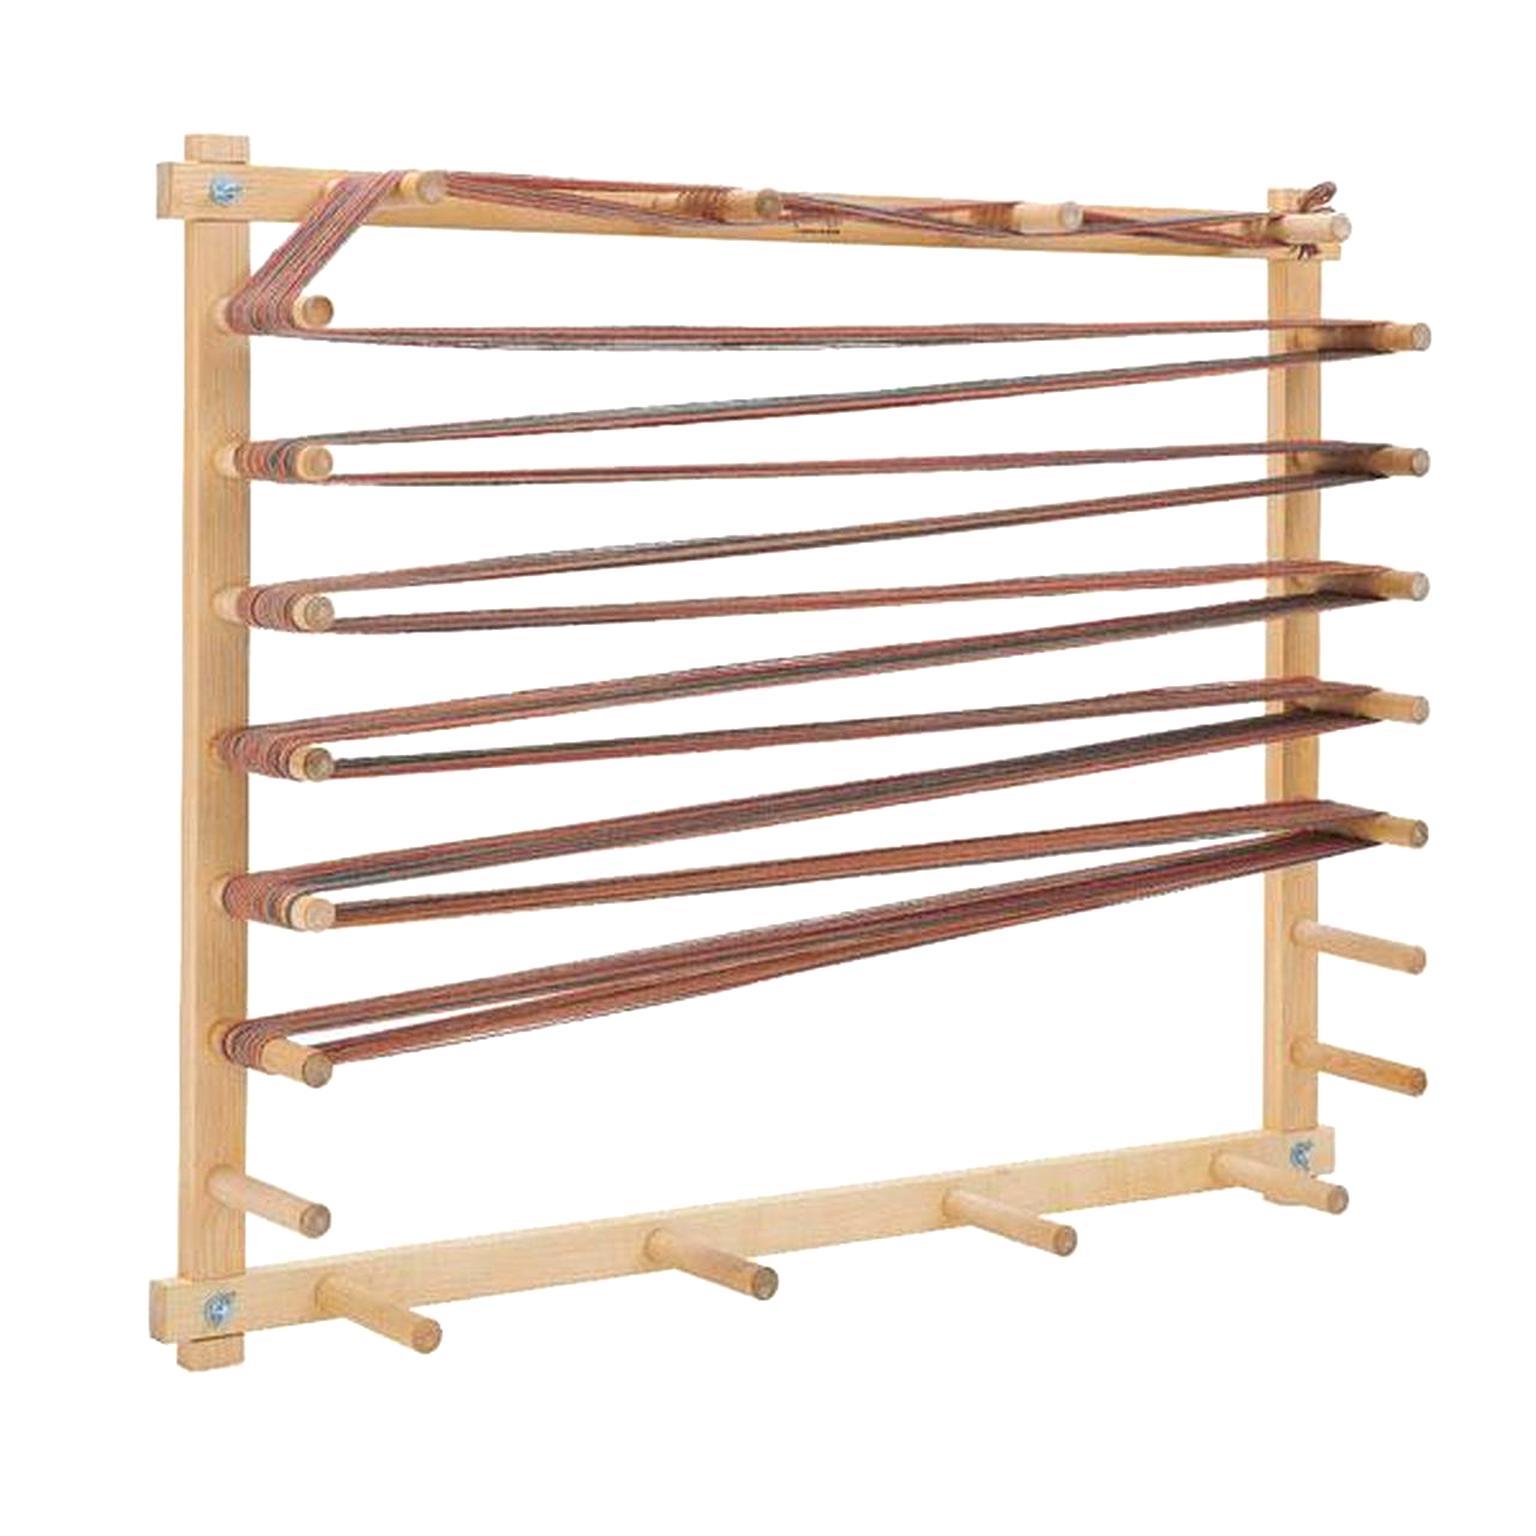 Beka 07601 4.5 Yard Warping Board